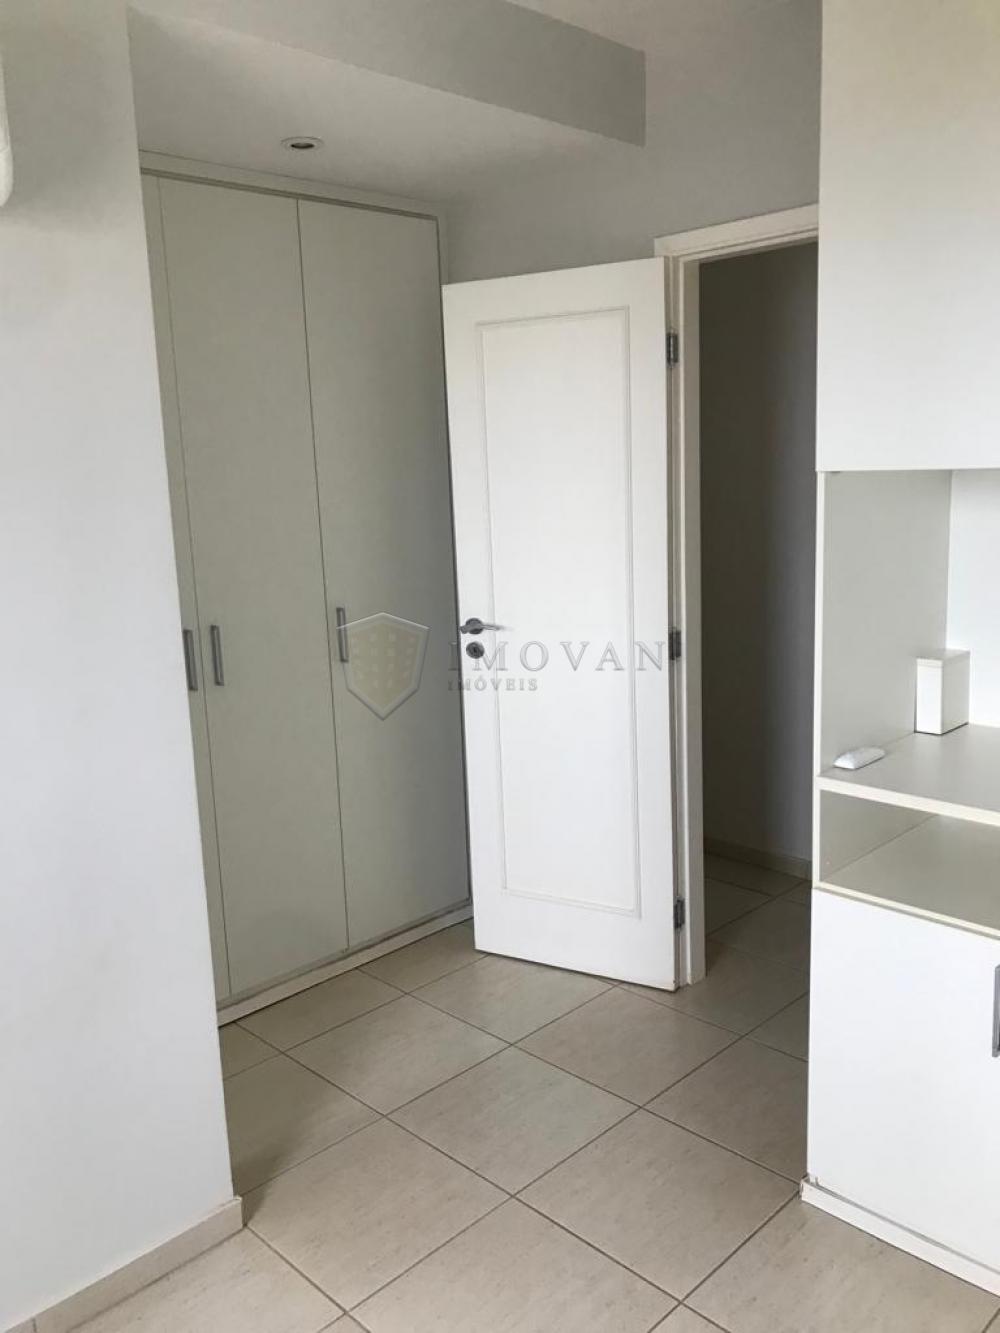 Alugar Apartamento / Padrão em Ribeirão Preto apenas R$ 2.700,00 - Foto 13